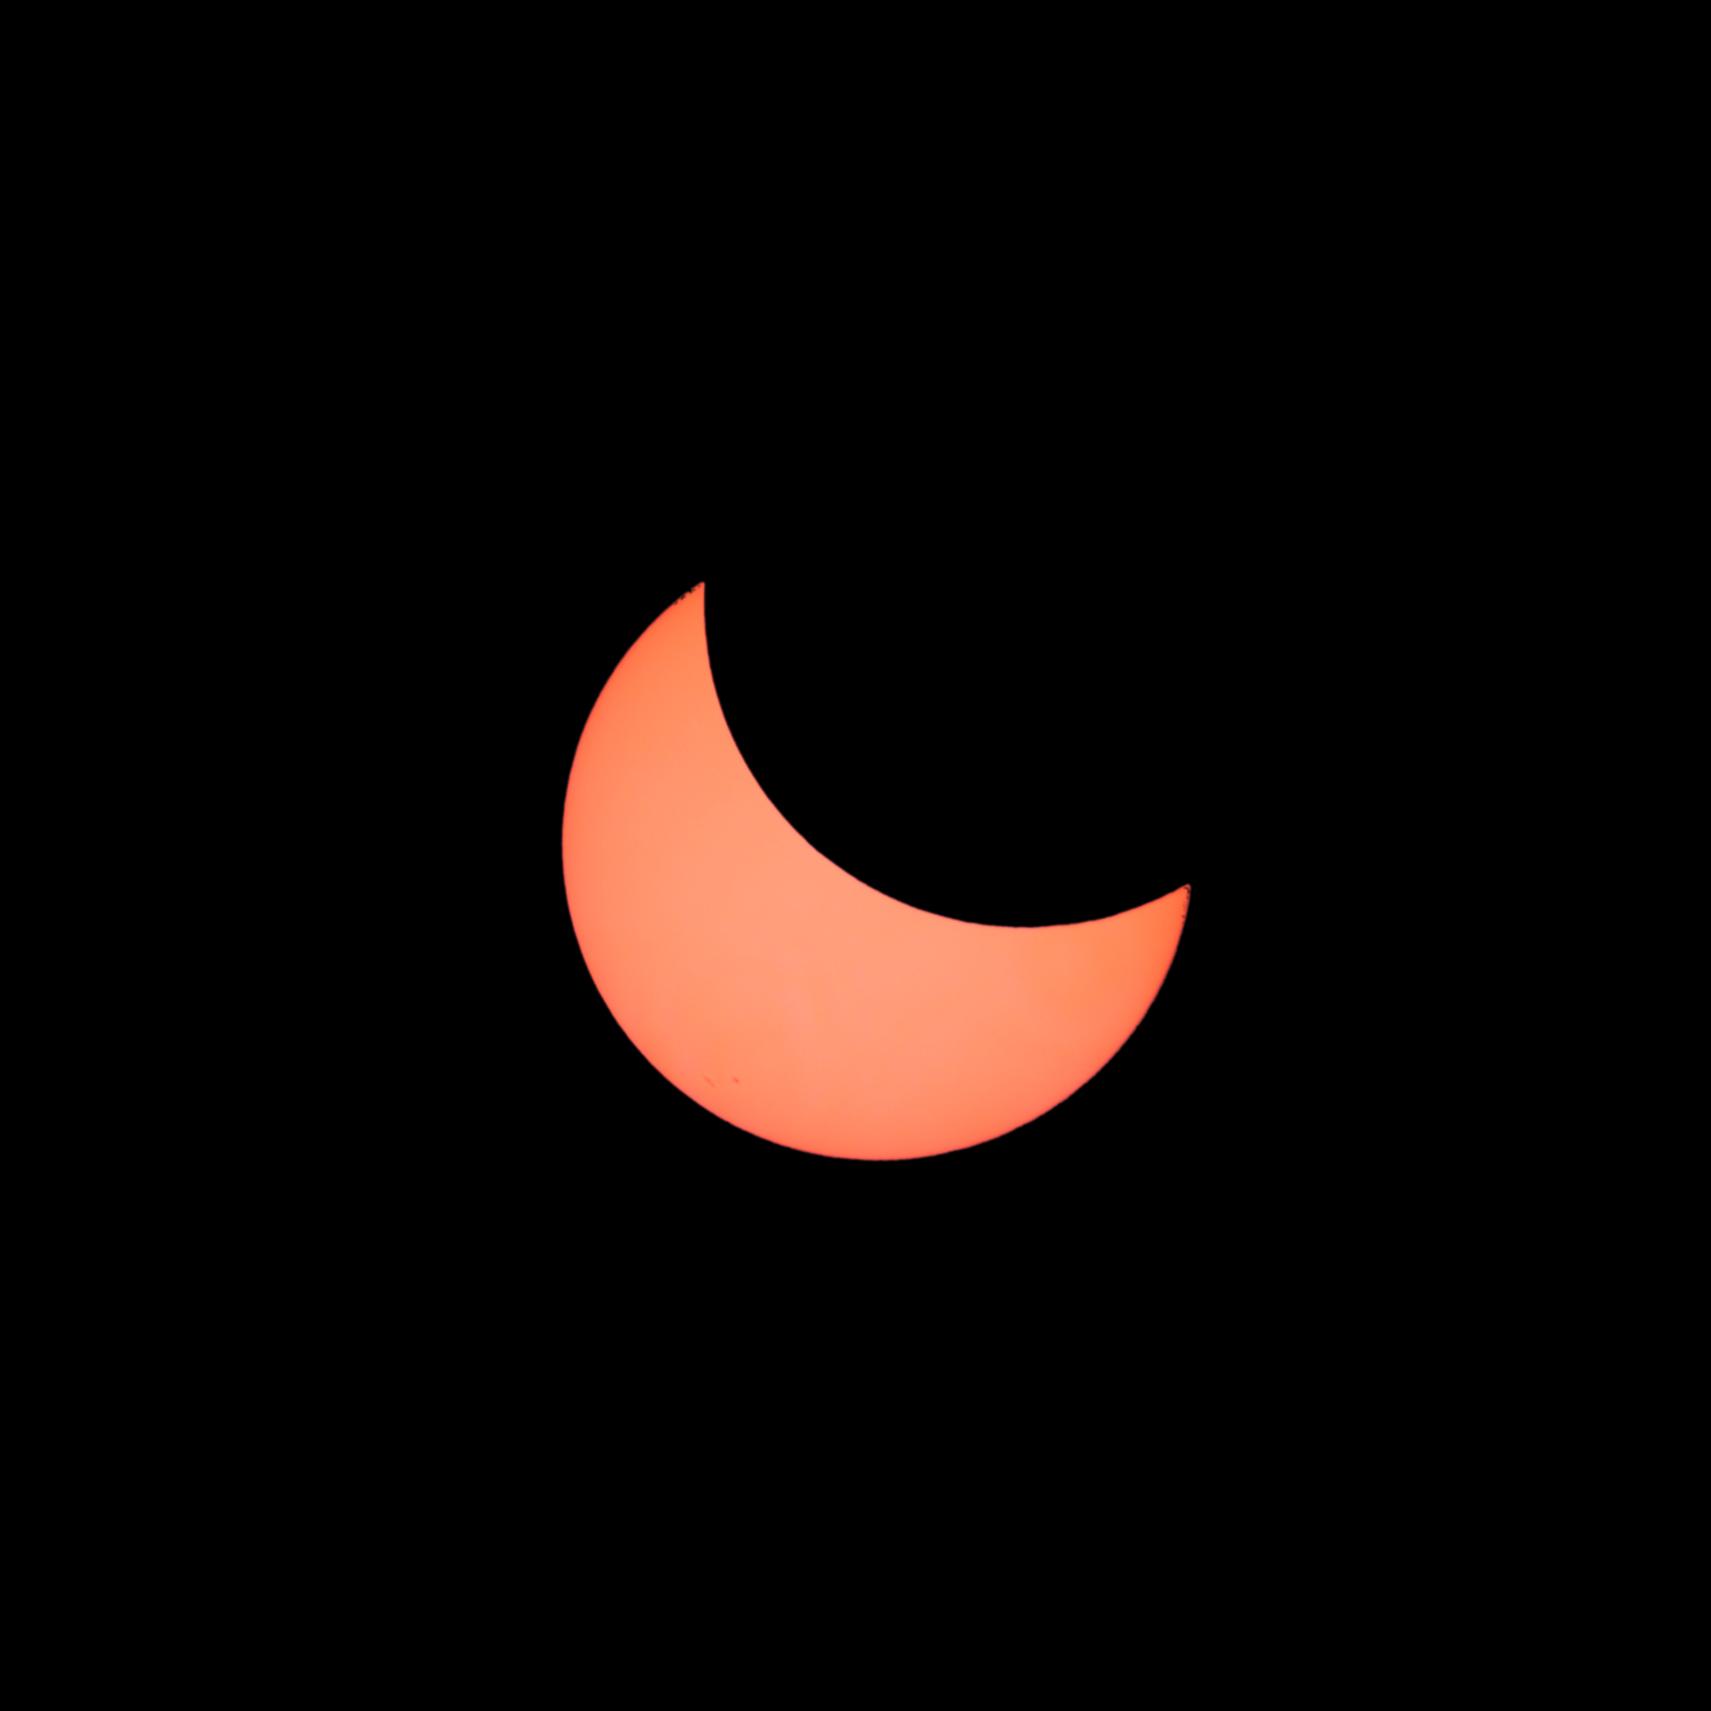 20170821_eclissi-parzialità-entrata-half_AlessandroDimai